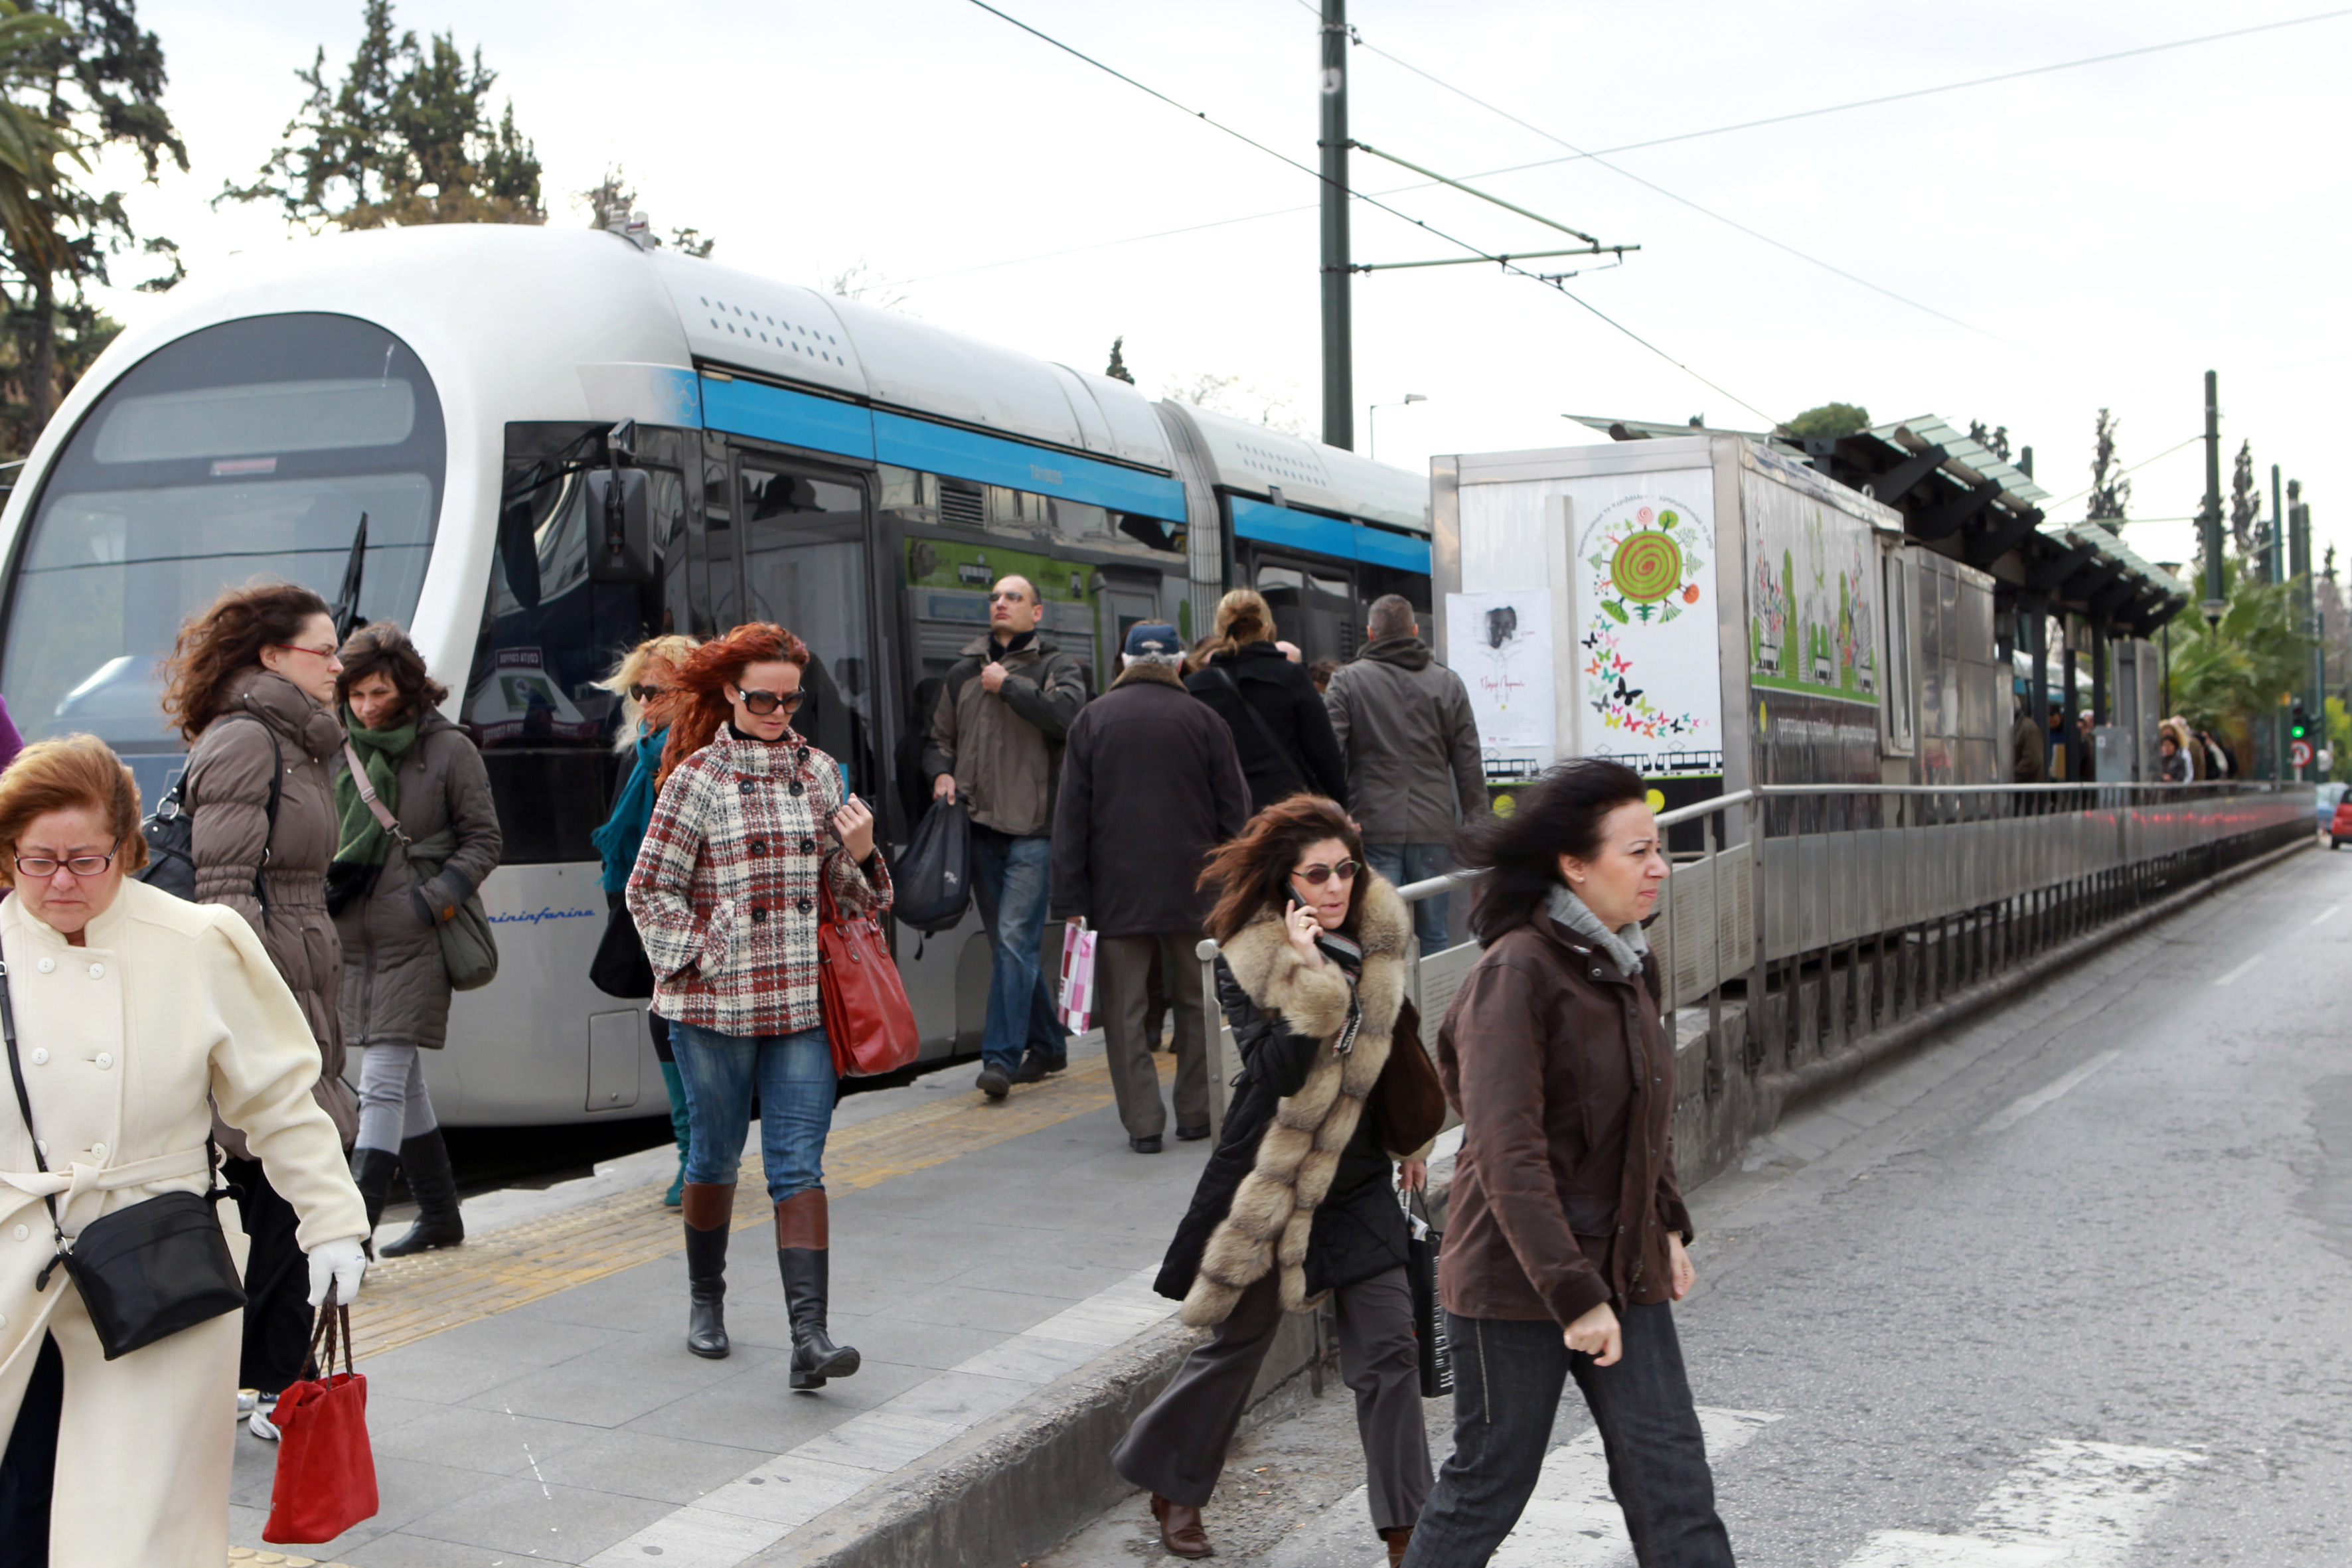 Τα δρομολόγια των μέσων μεταφοράς τις ημέρες του Πάσχα   tovima.gr